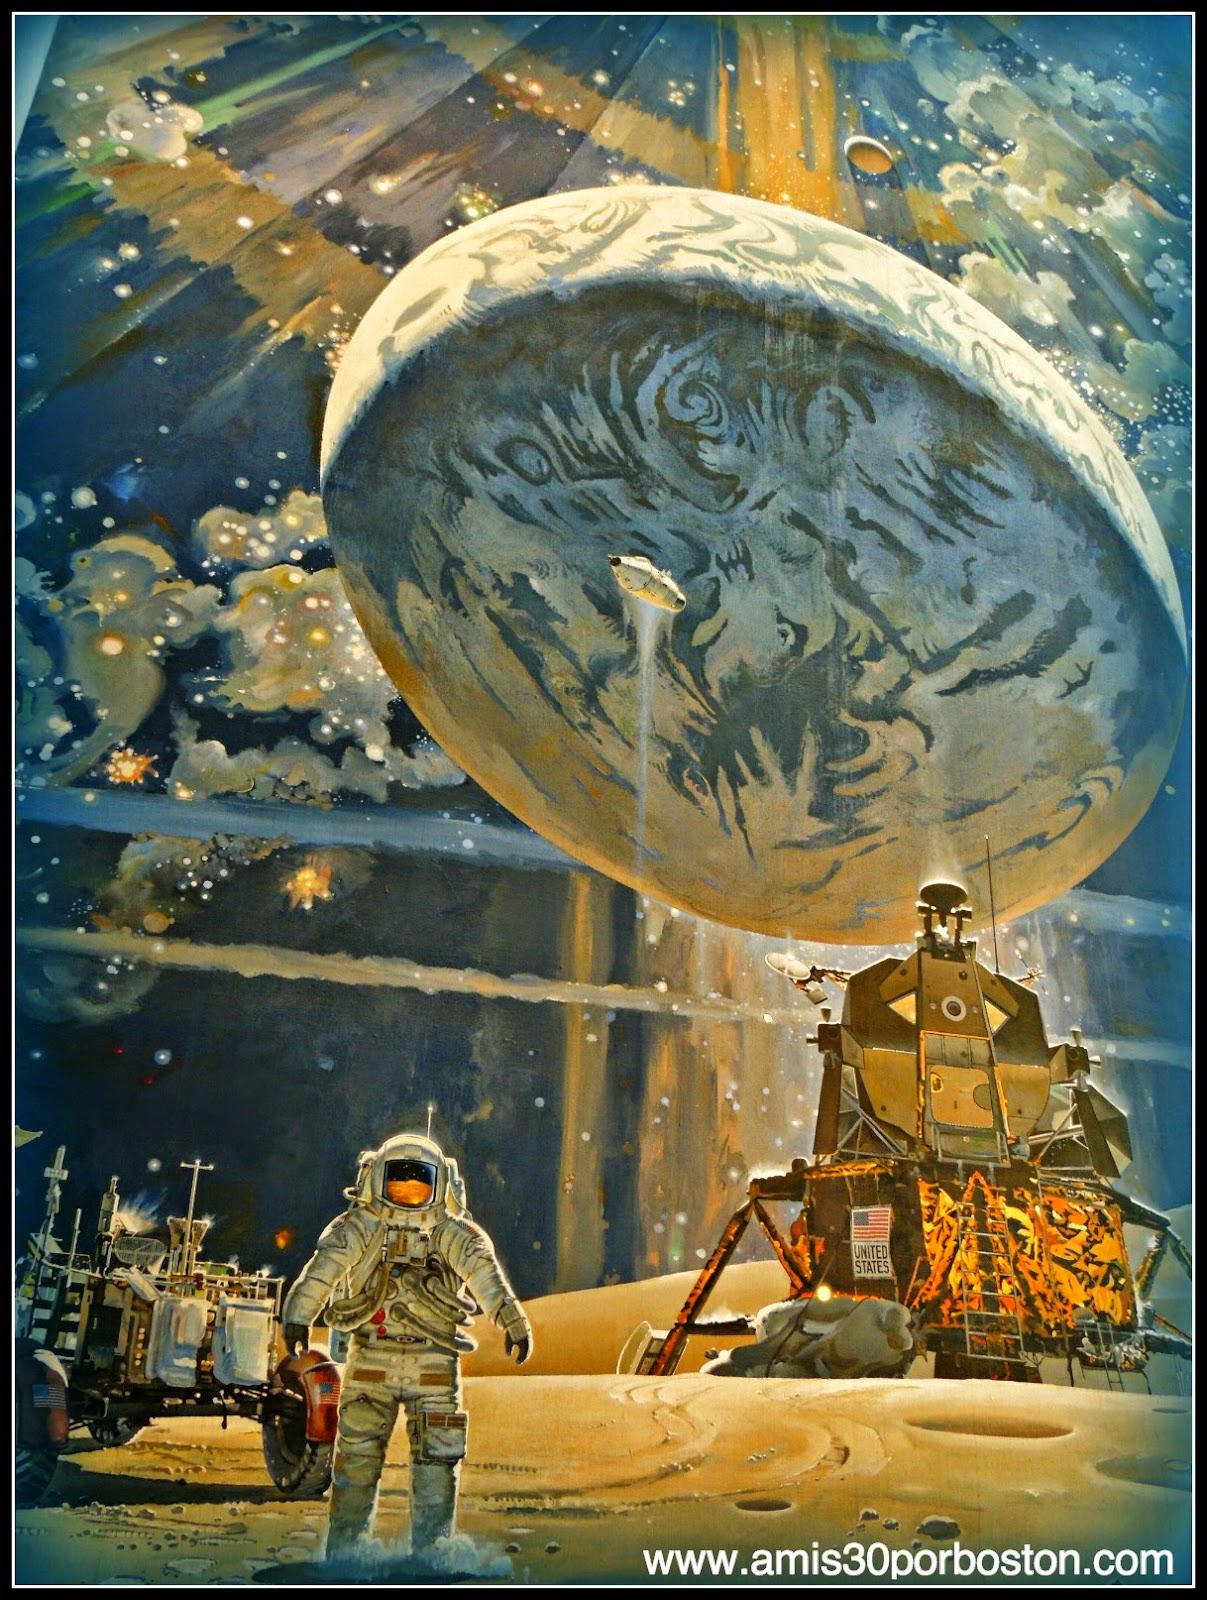 Museo Nacional del Aire y el Espacio de Estados Unidos: Robert T. McCall's The Space Mural